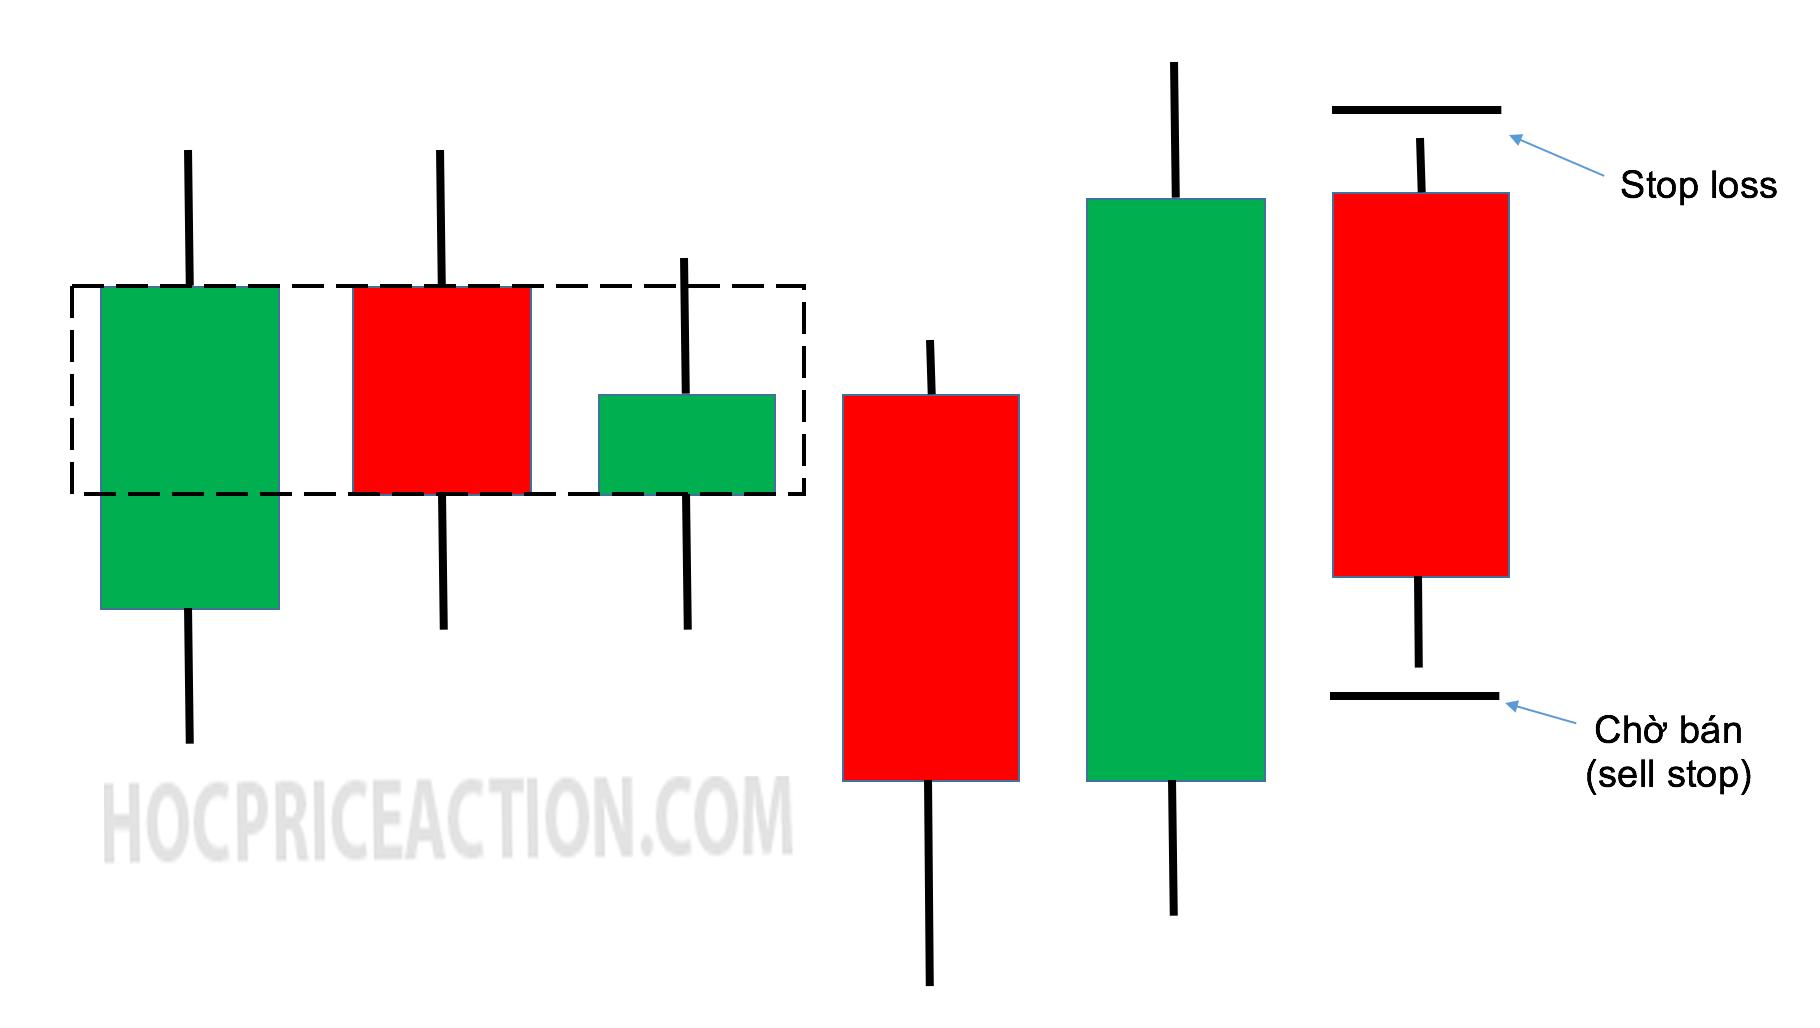 Opposite Failure (phá vỡ thất bại đối xứng) – setup giao dịch price action